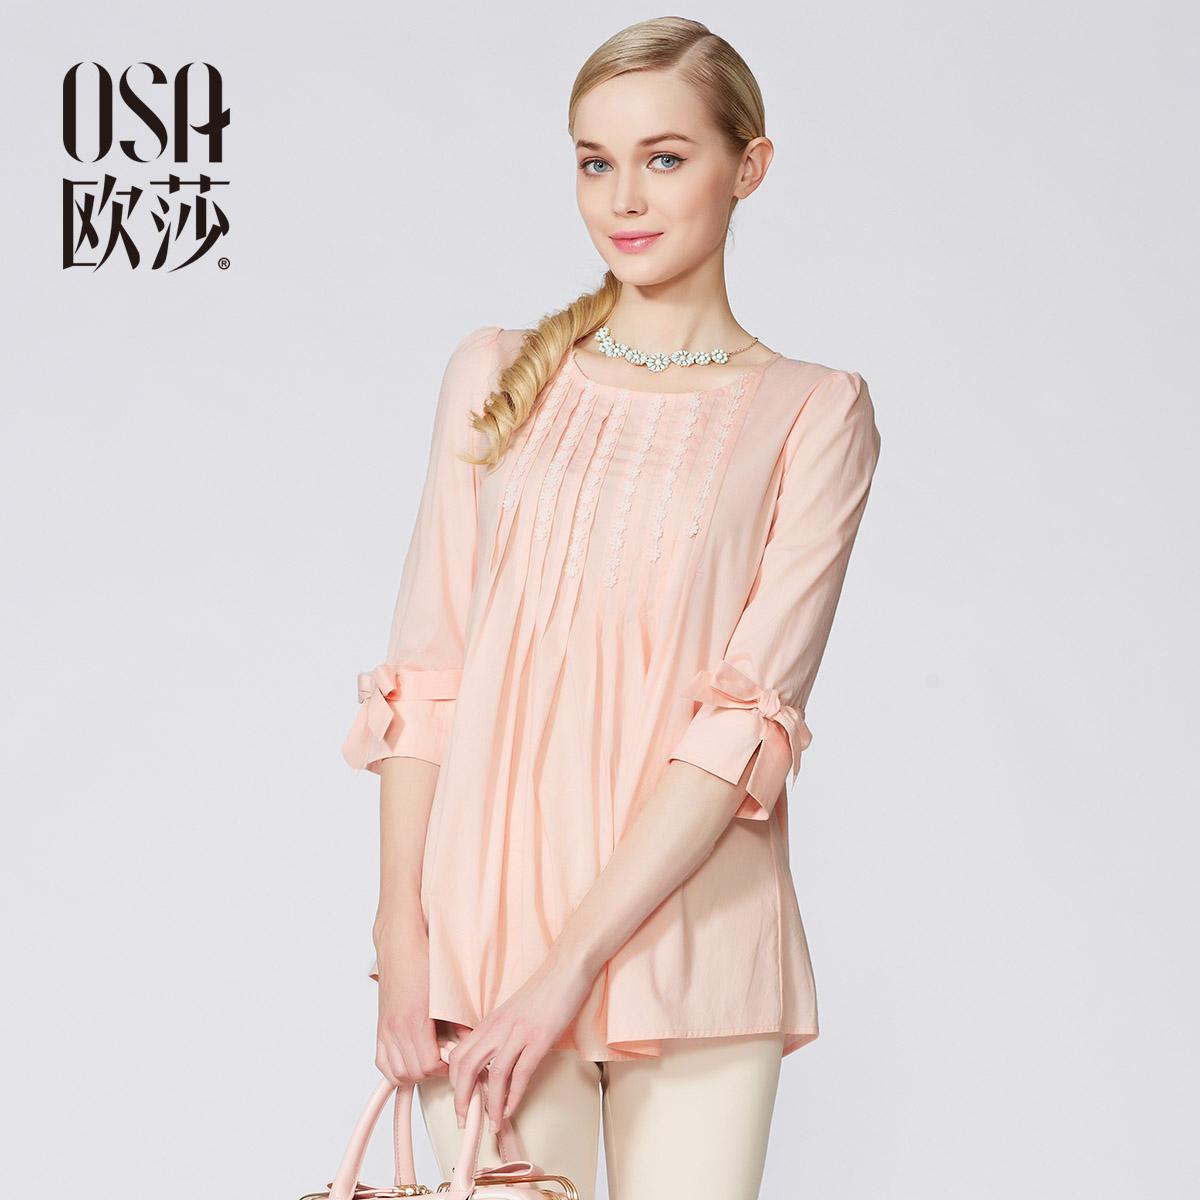 женская рубашка OSA sc410074 2014